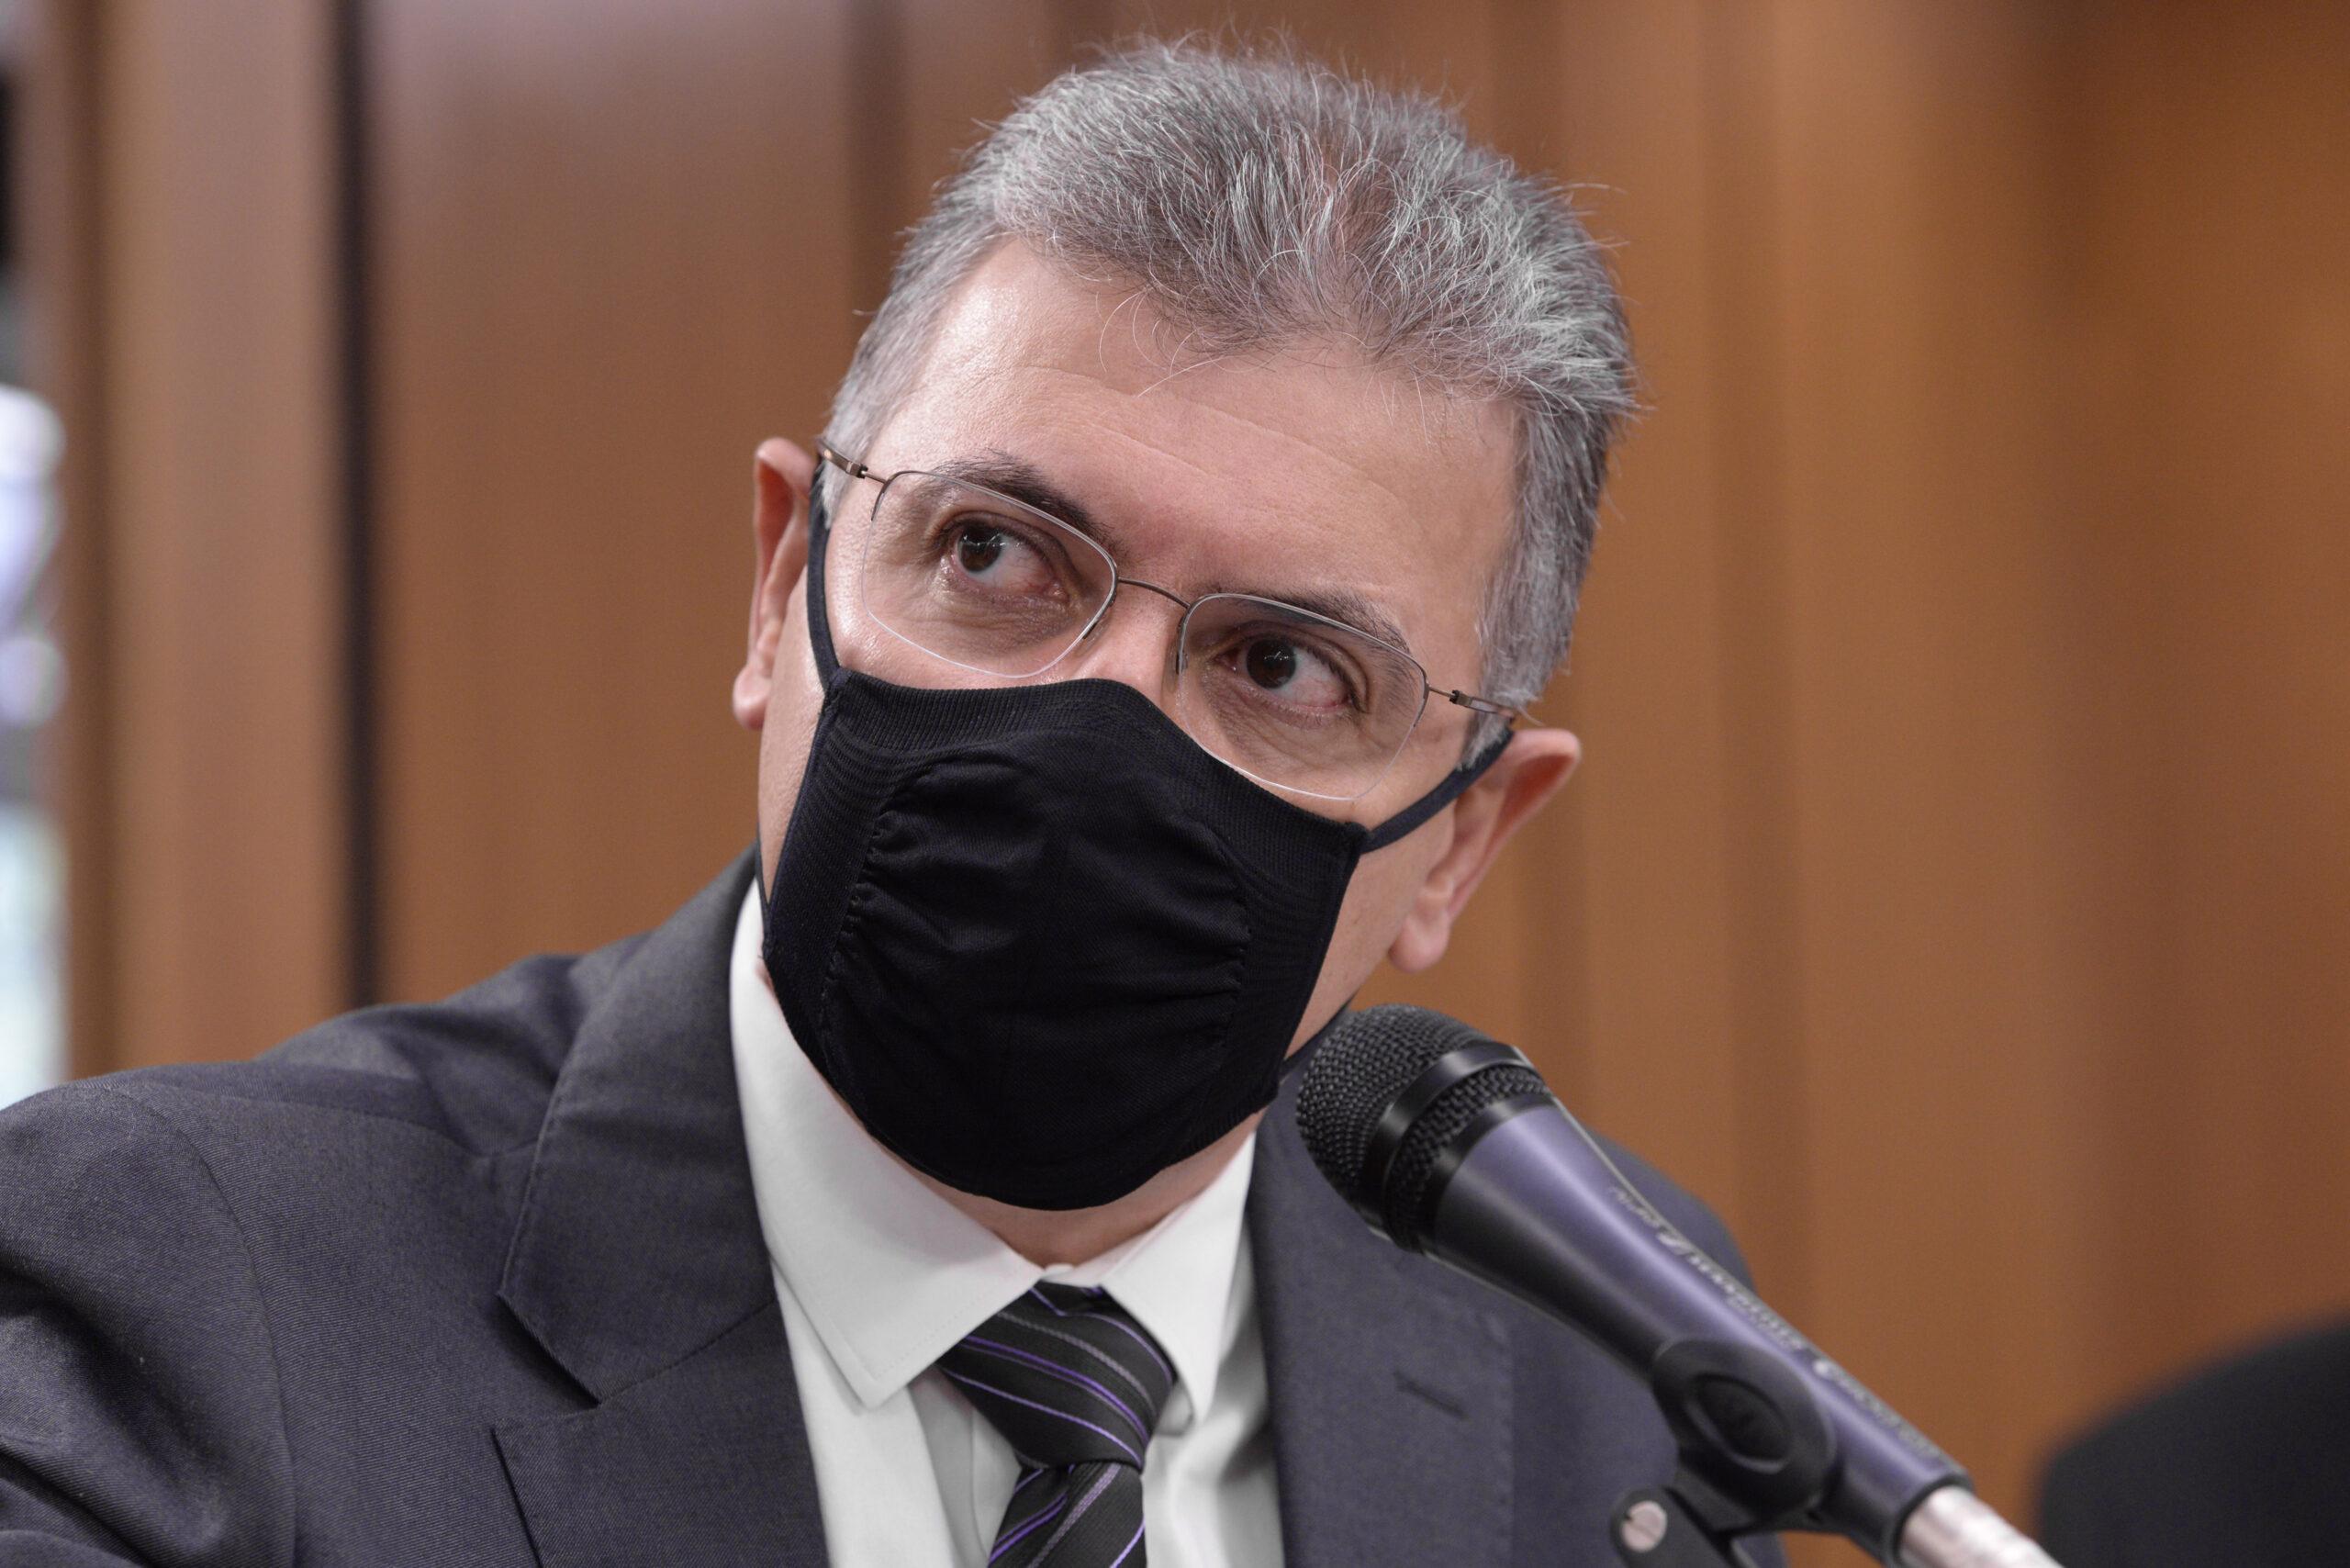 Carlos Eduardo Amaral Pereira da Silva (Ex-Secretário de Estado de Saúde) - Foto: Guilherme Bergamini/ALMG